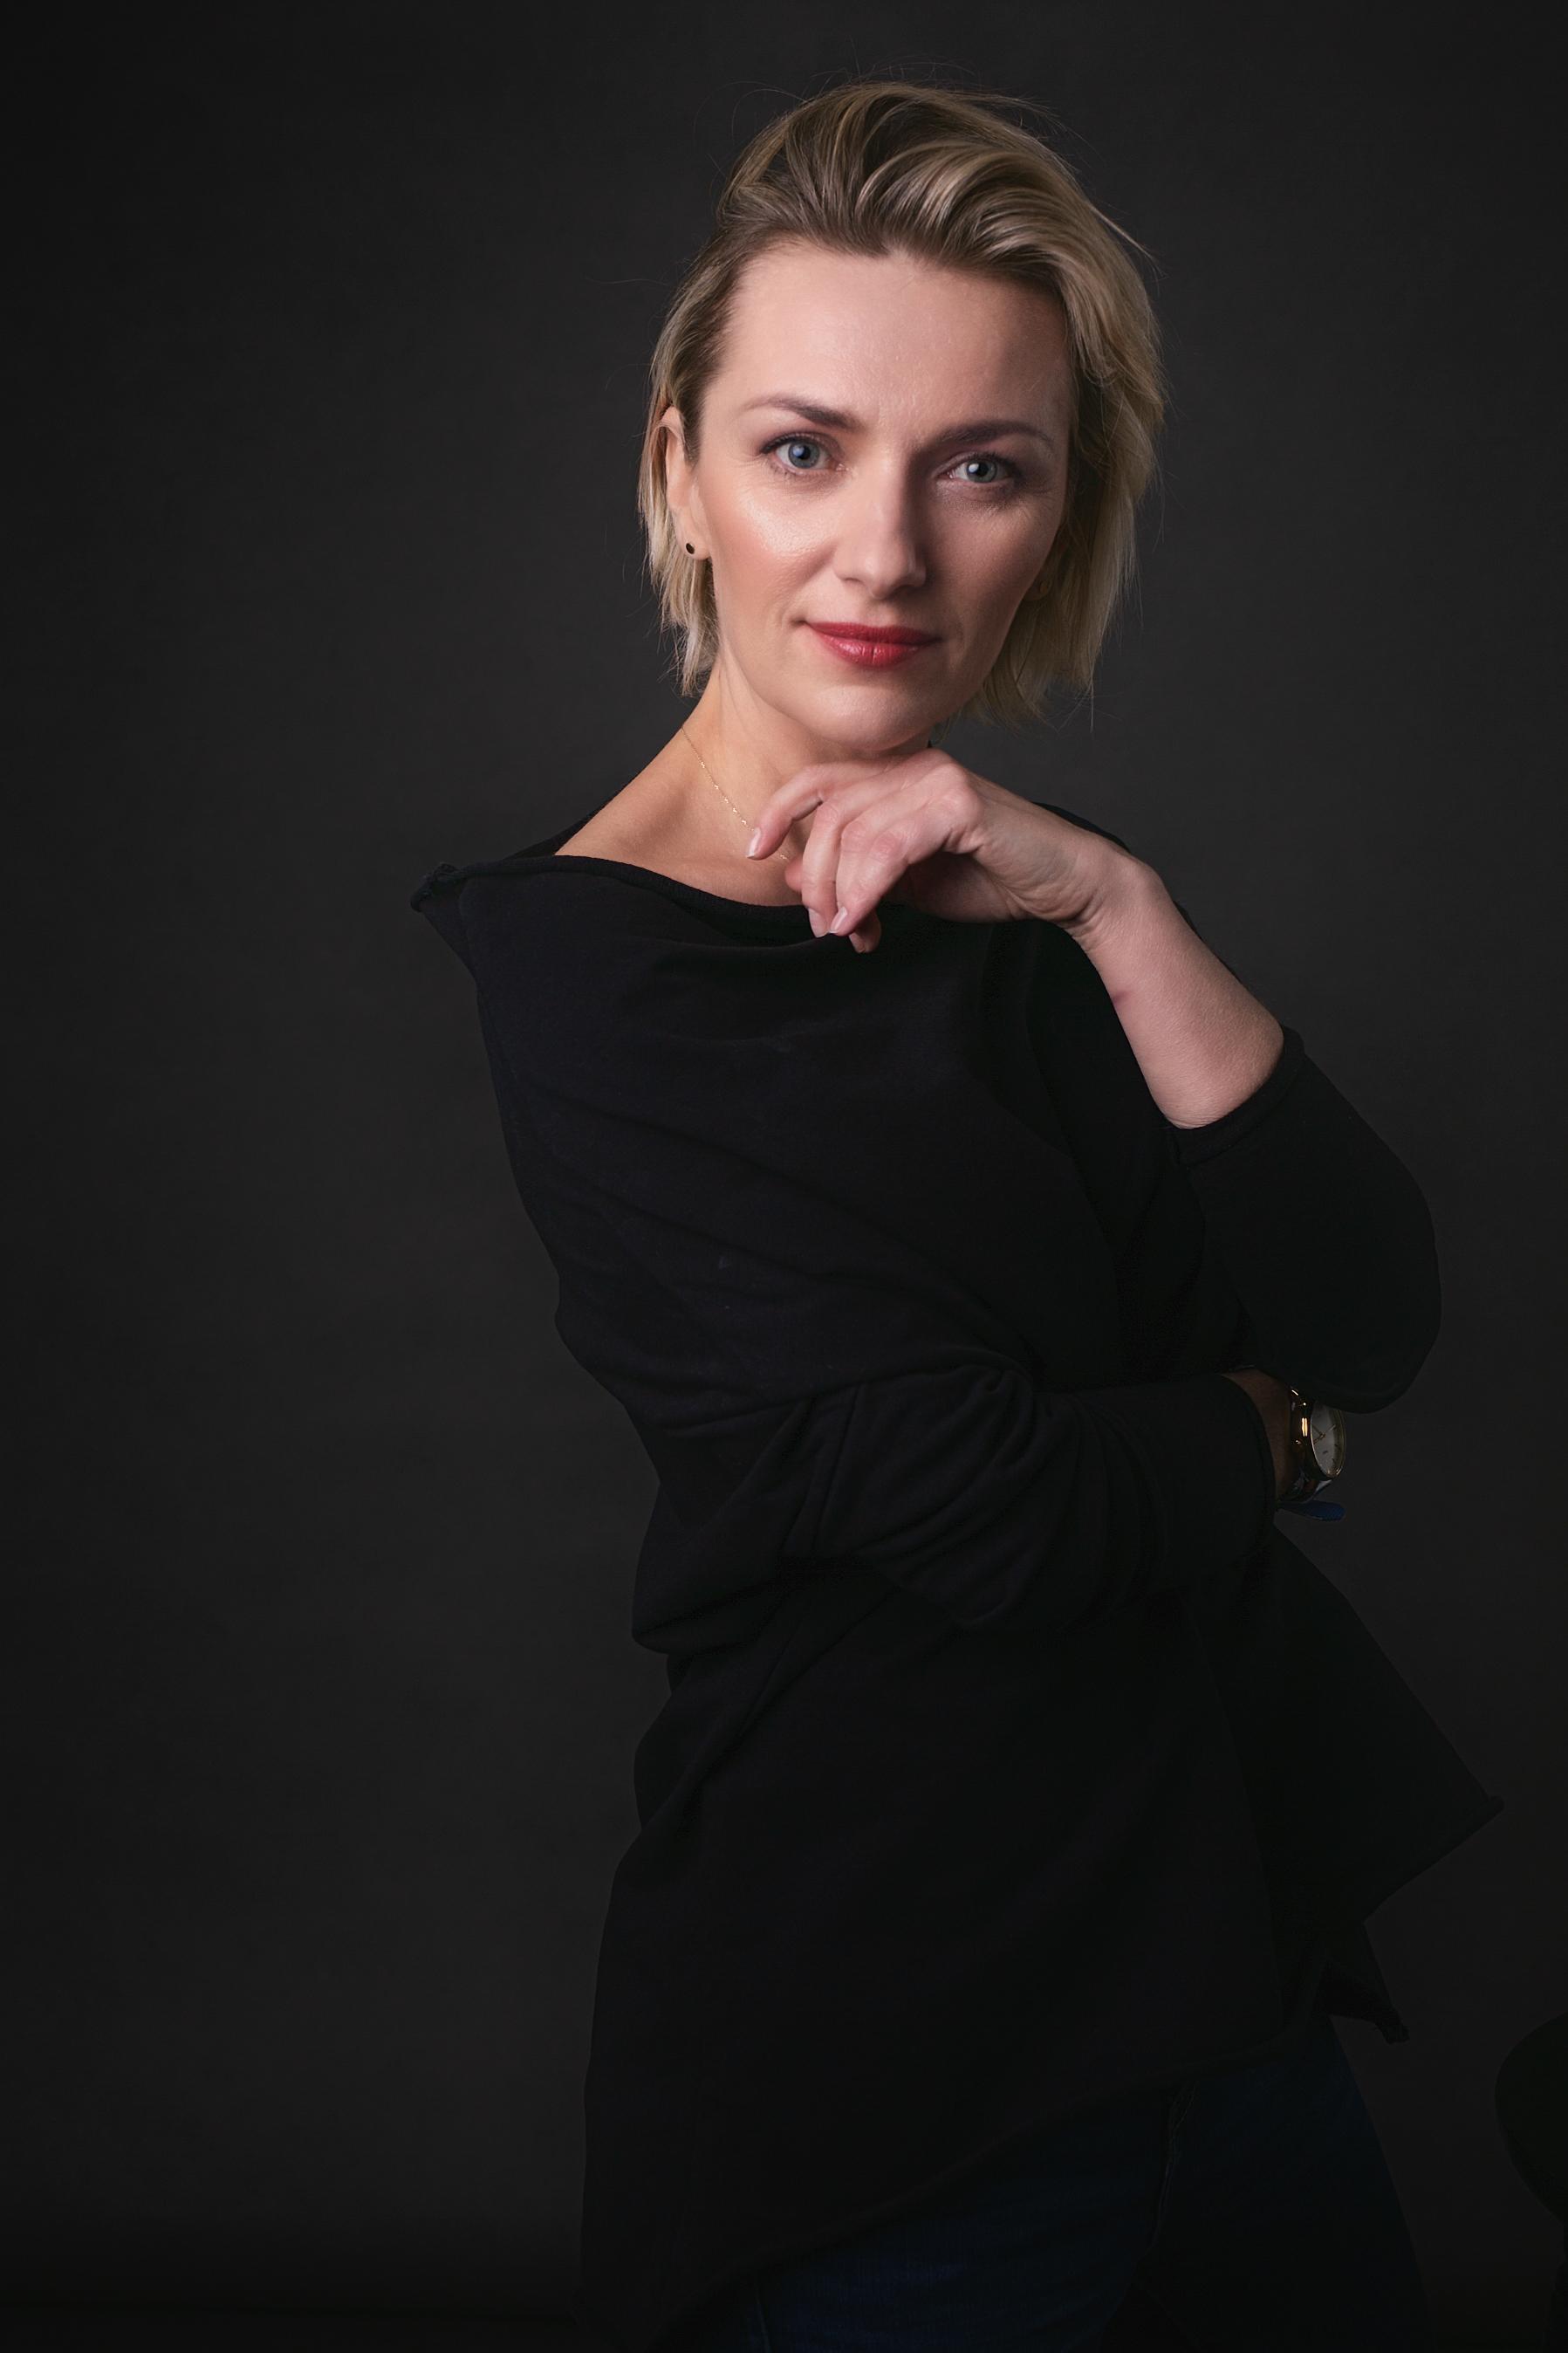 fotografia-biznesowa-i-portretowa